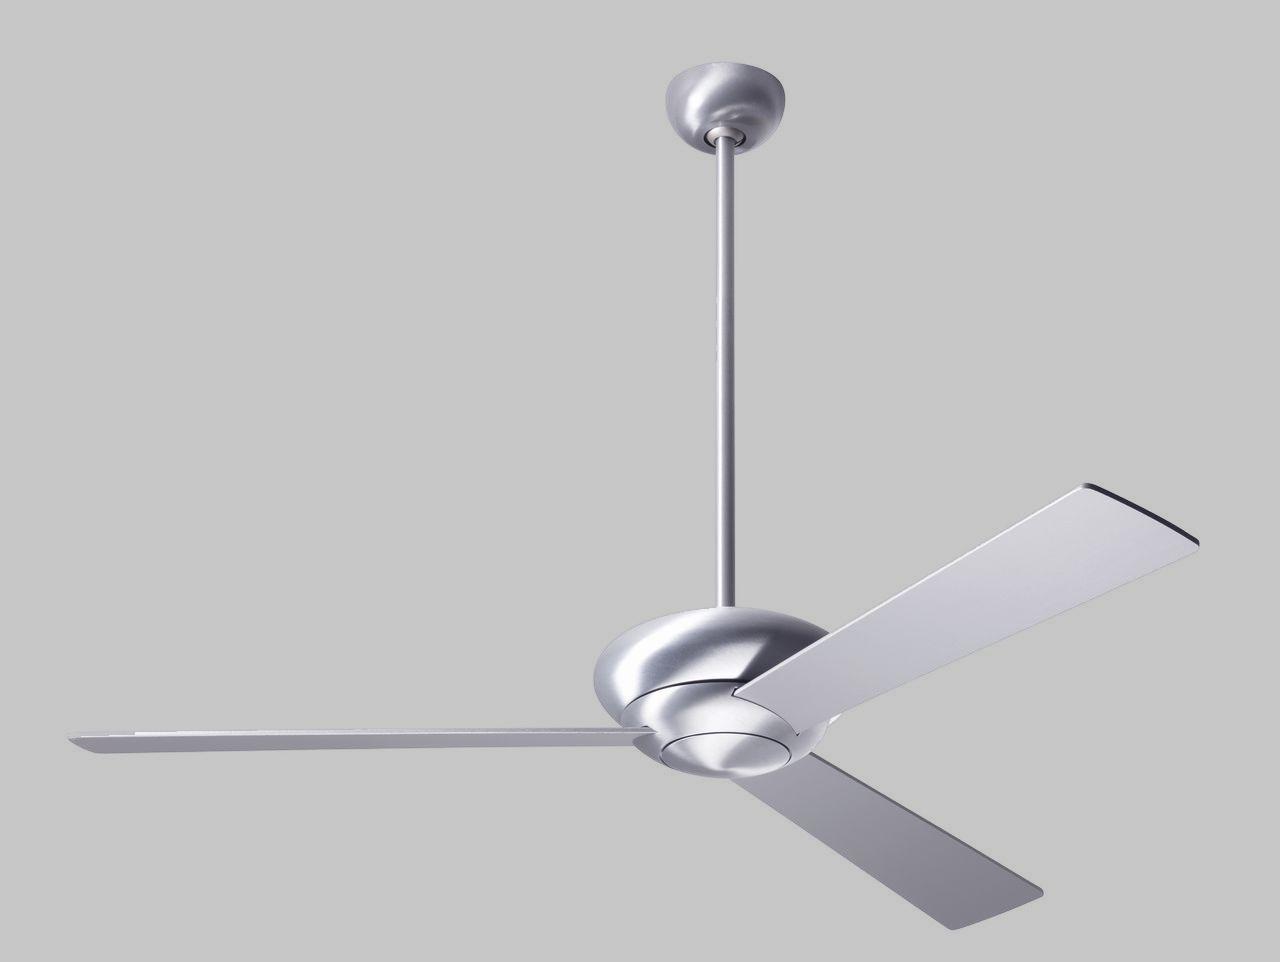 Ventilador de techo de diseño - Ventilador de techo Altus - Aluminio cepillado y aspas aluminio sin luz